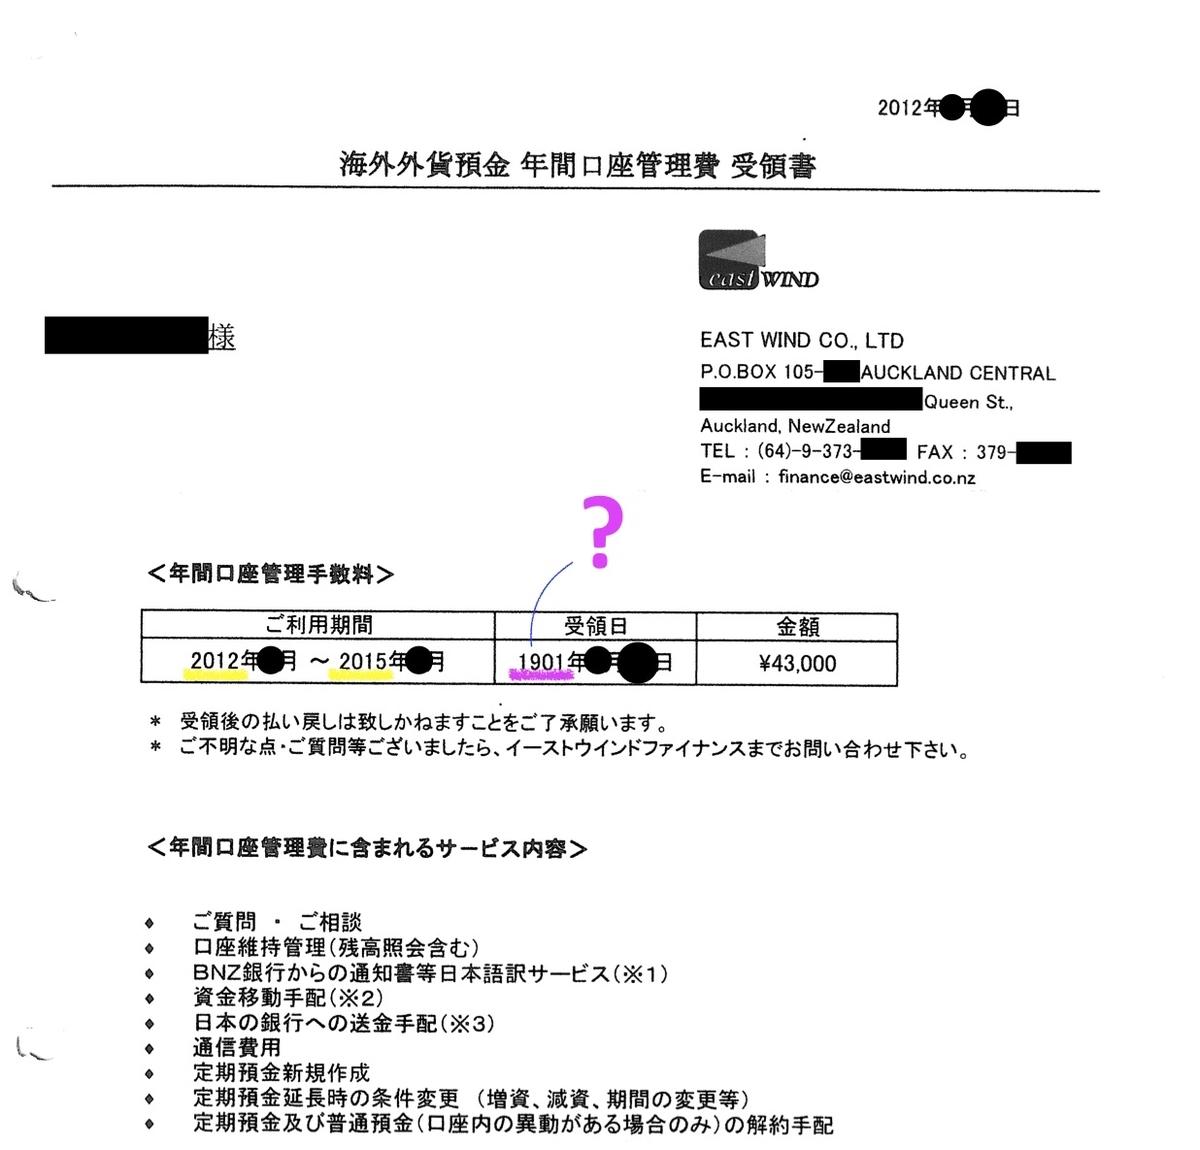 f:id:uto87:20190830160827j:plain